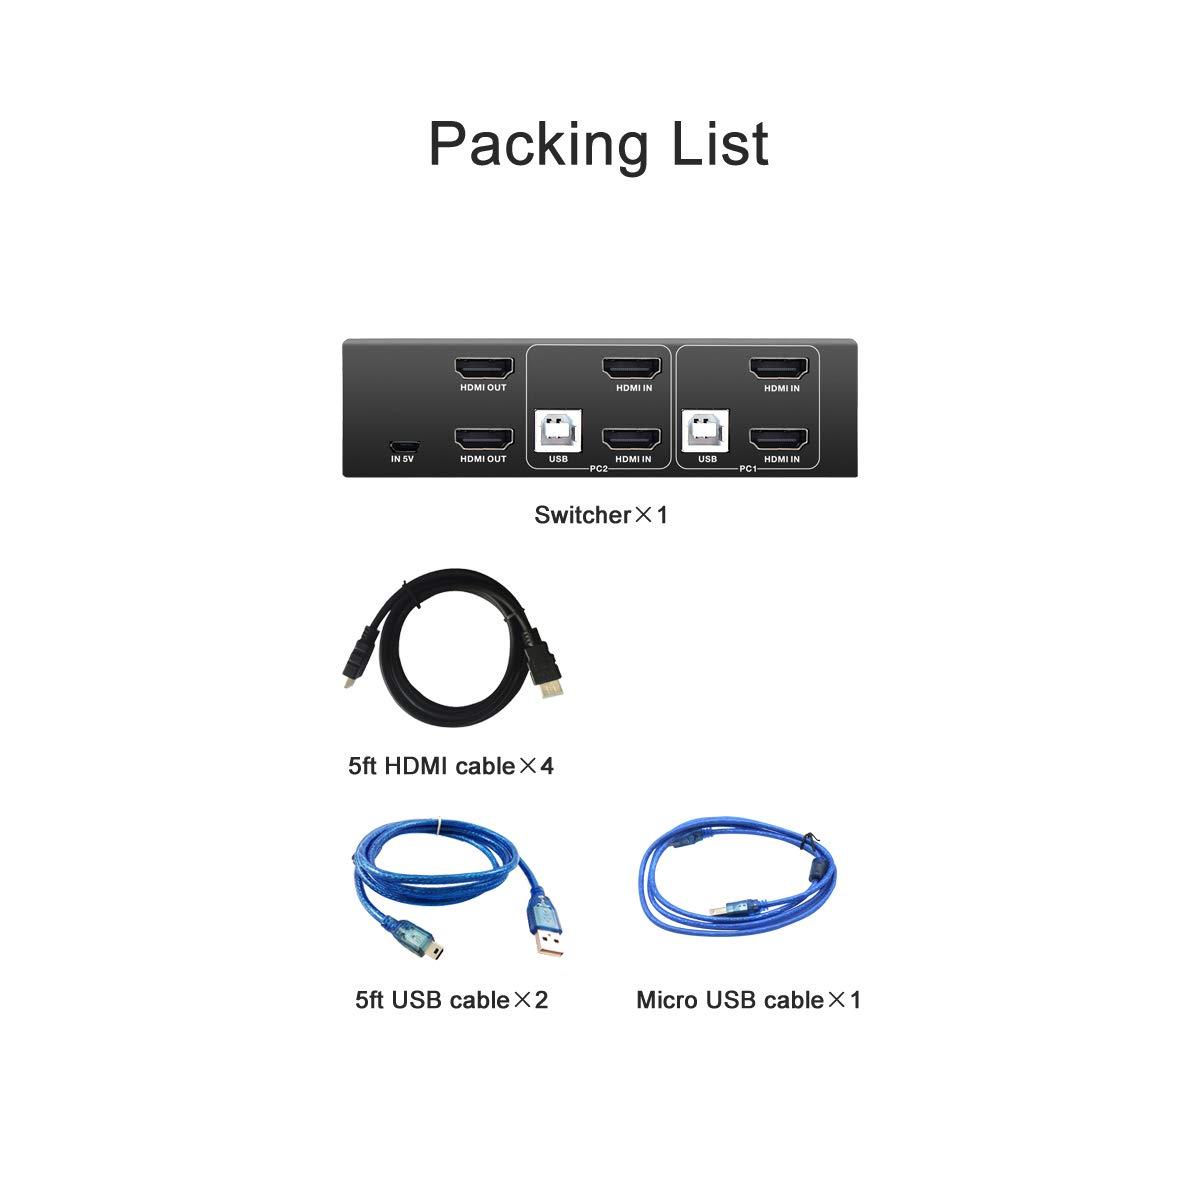 PW-SH0201C HDMI KVM Switch 2 Puertos con Cables USB y HDMI Sistema Compatible Win Vista Unix y Otros Win 7 4K@60Hz y HDMI 2.0 y USB 2.0 compatibles Win 10 Mac Os X o Superior Linux Win 8.1